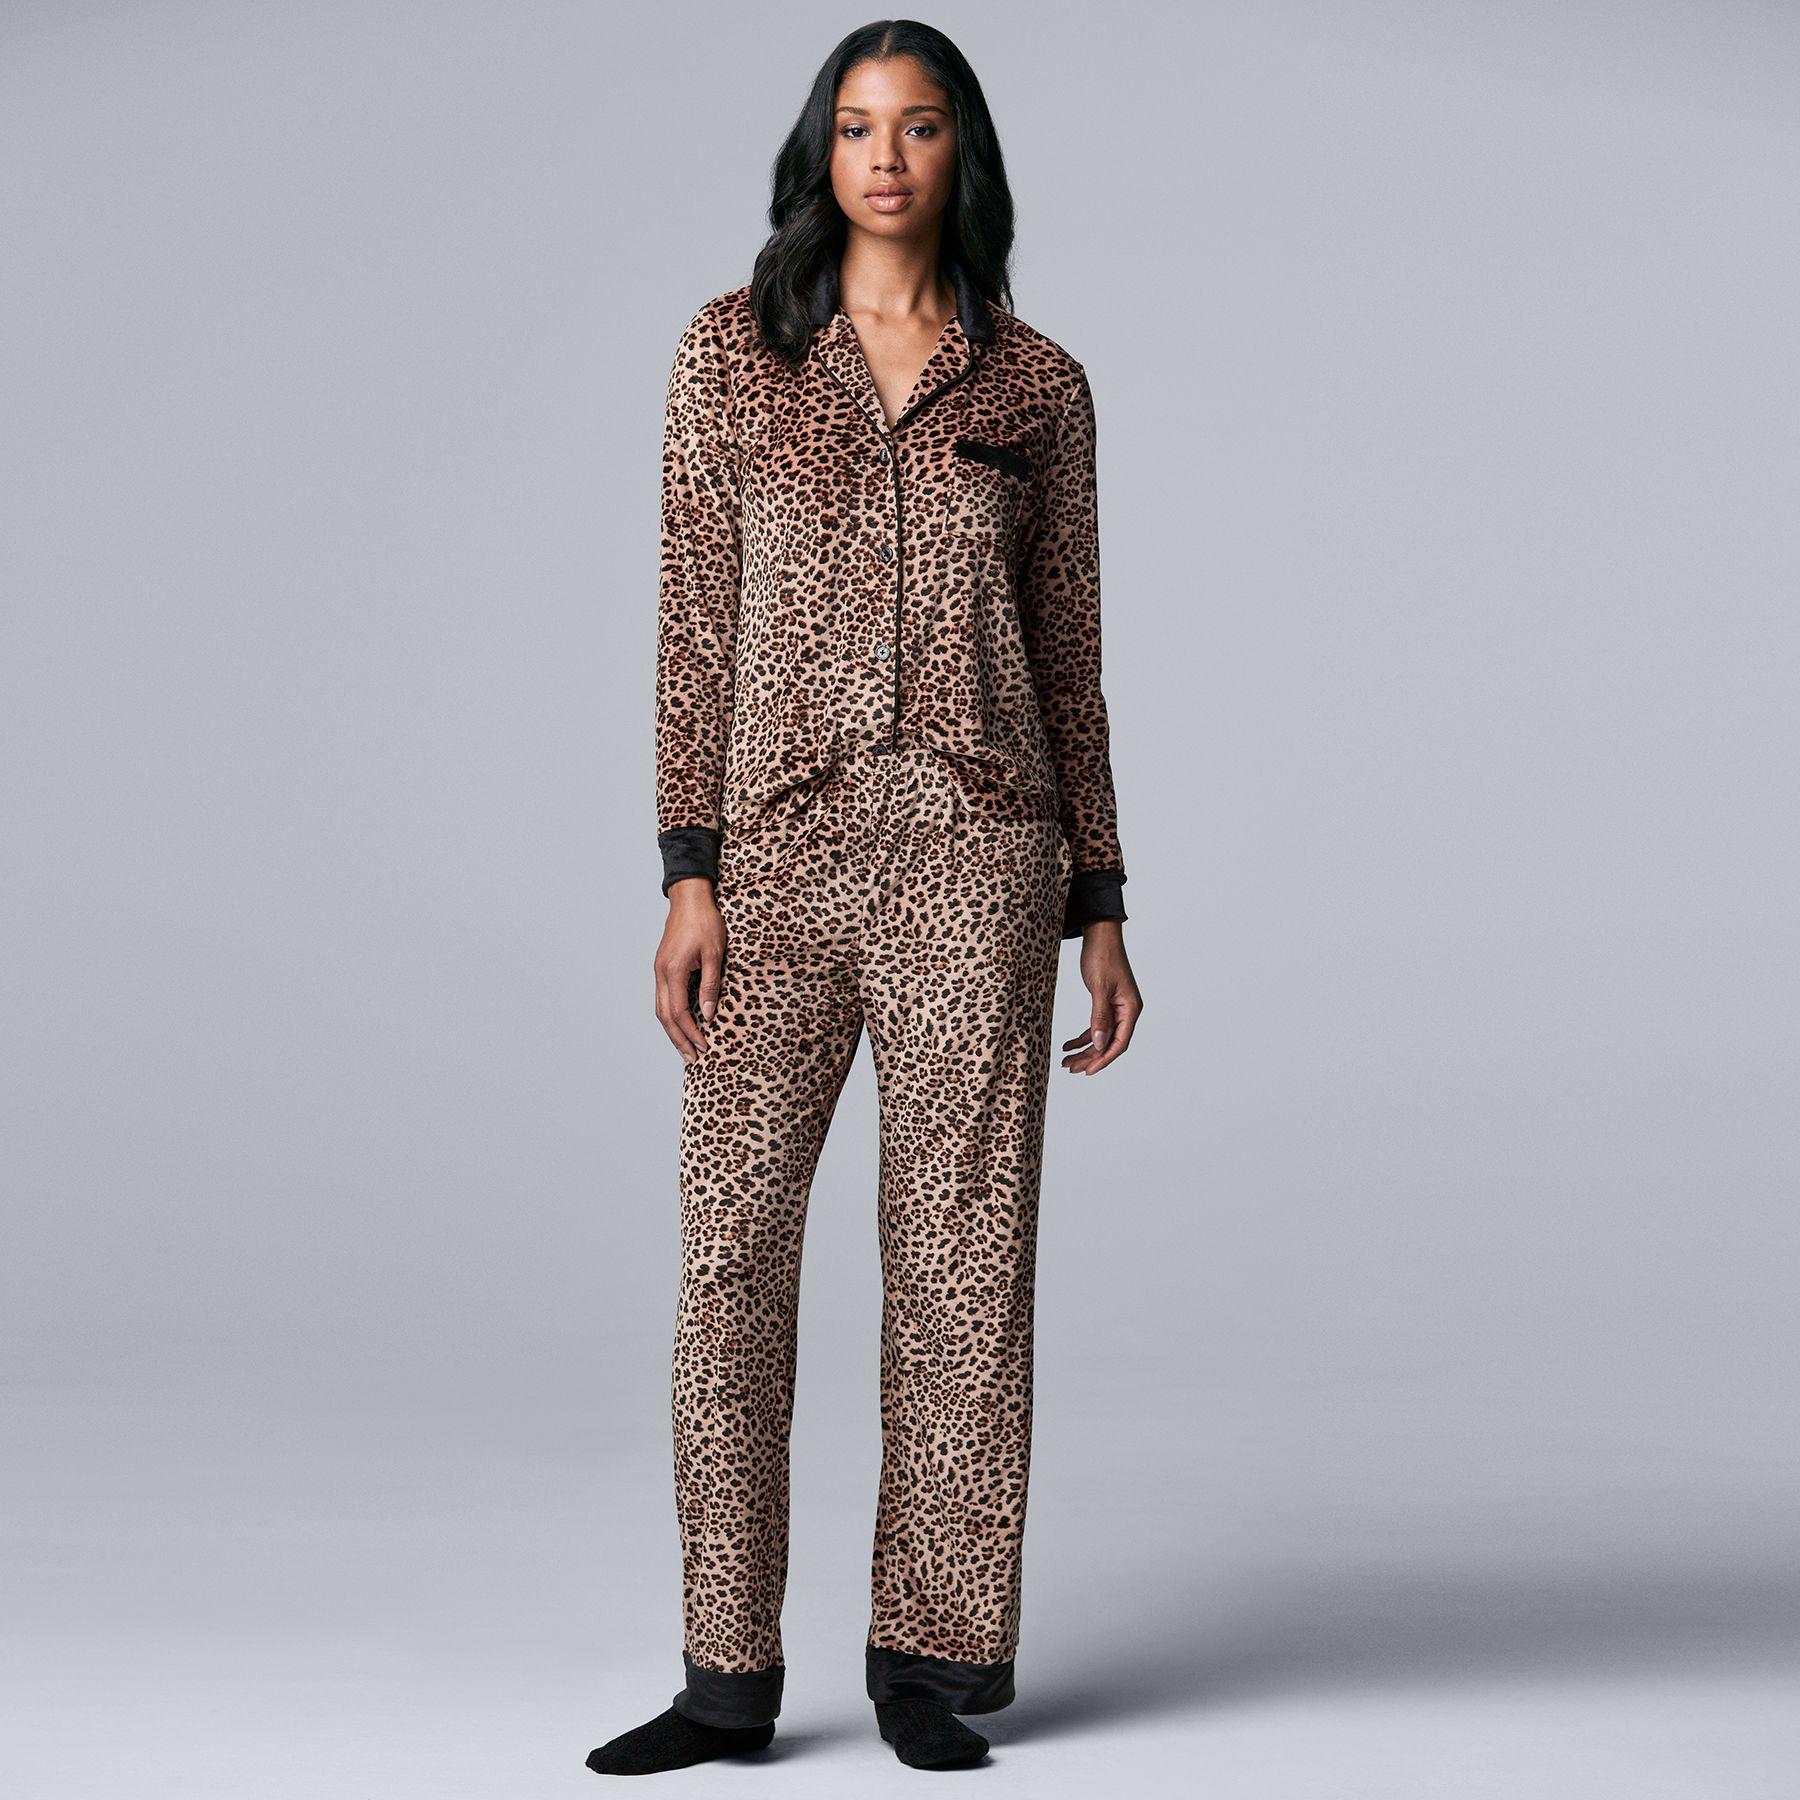 Women's Simply Vera Vera Wang Velour Pajama Shirt, Pajama Pants & Socks Set